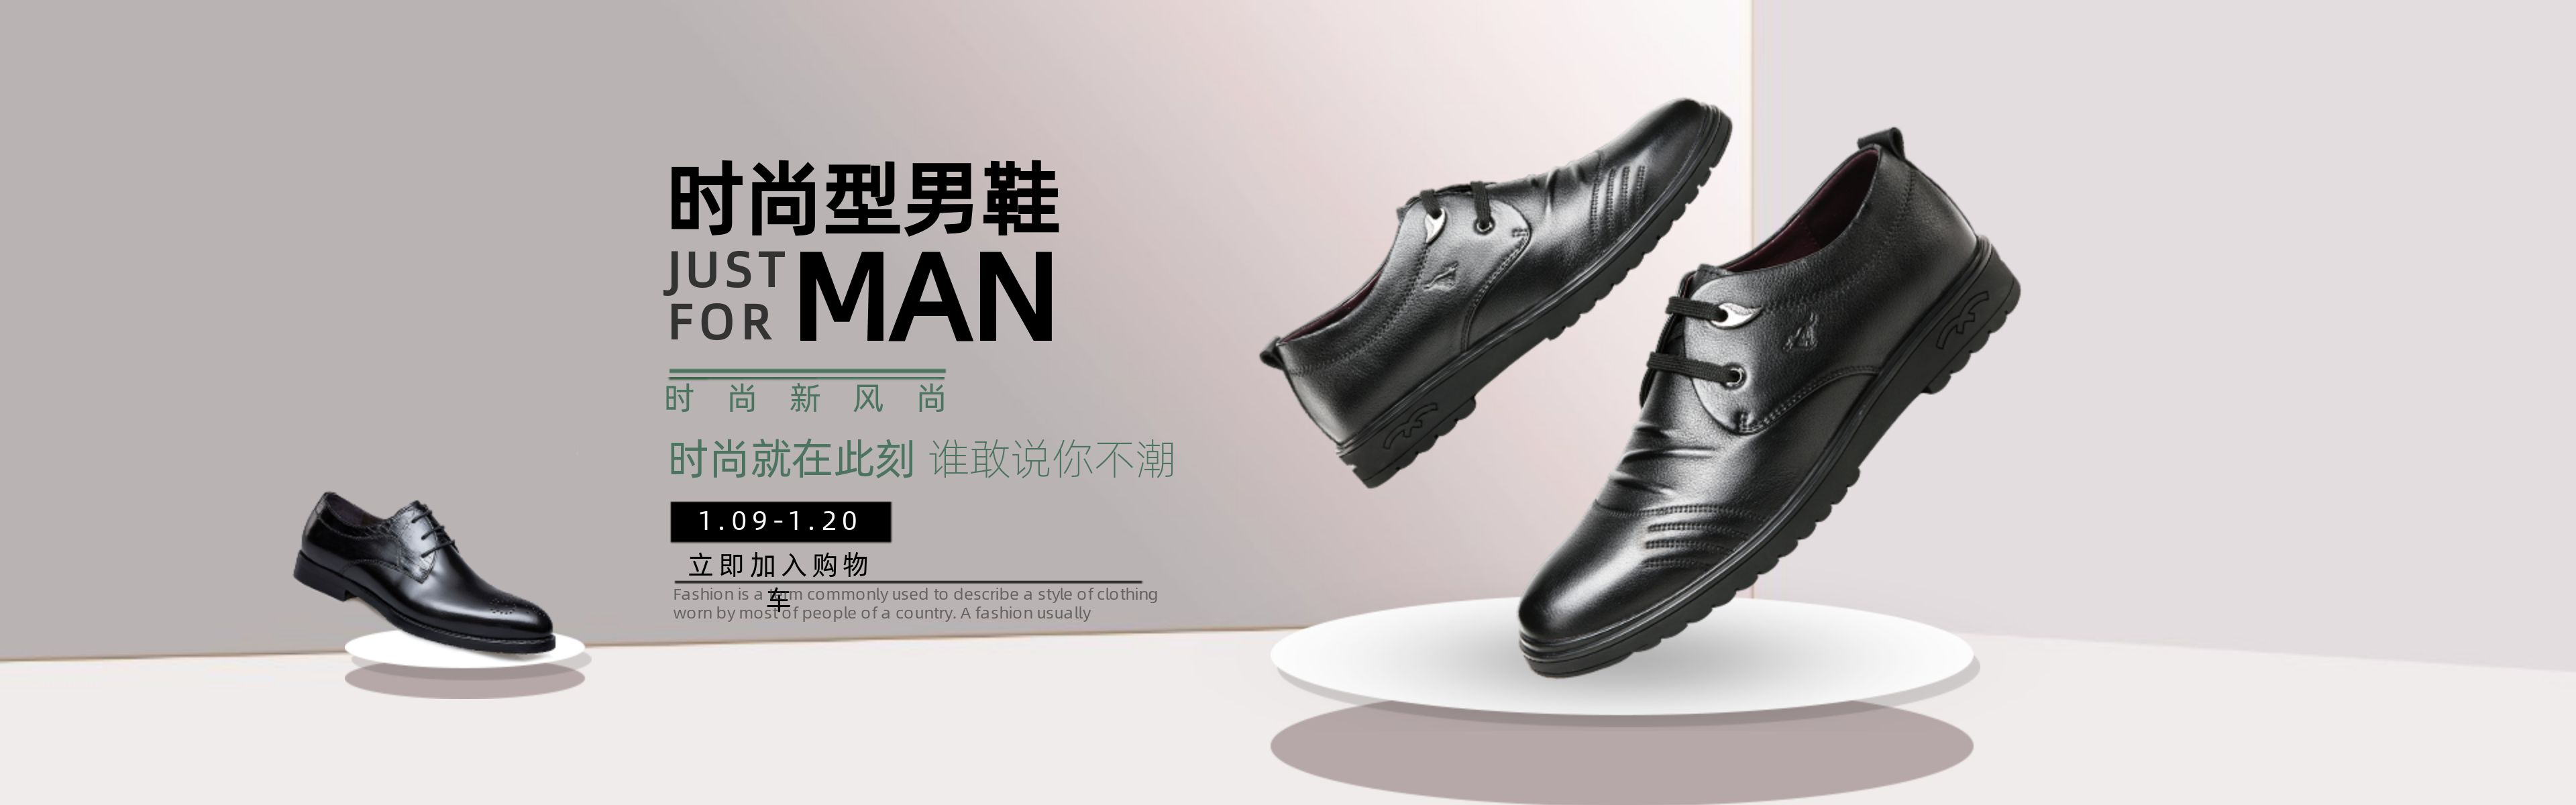 简约大气男鞋电商活动促销宣传店铺banner